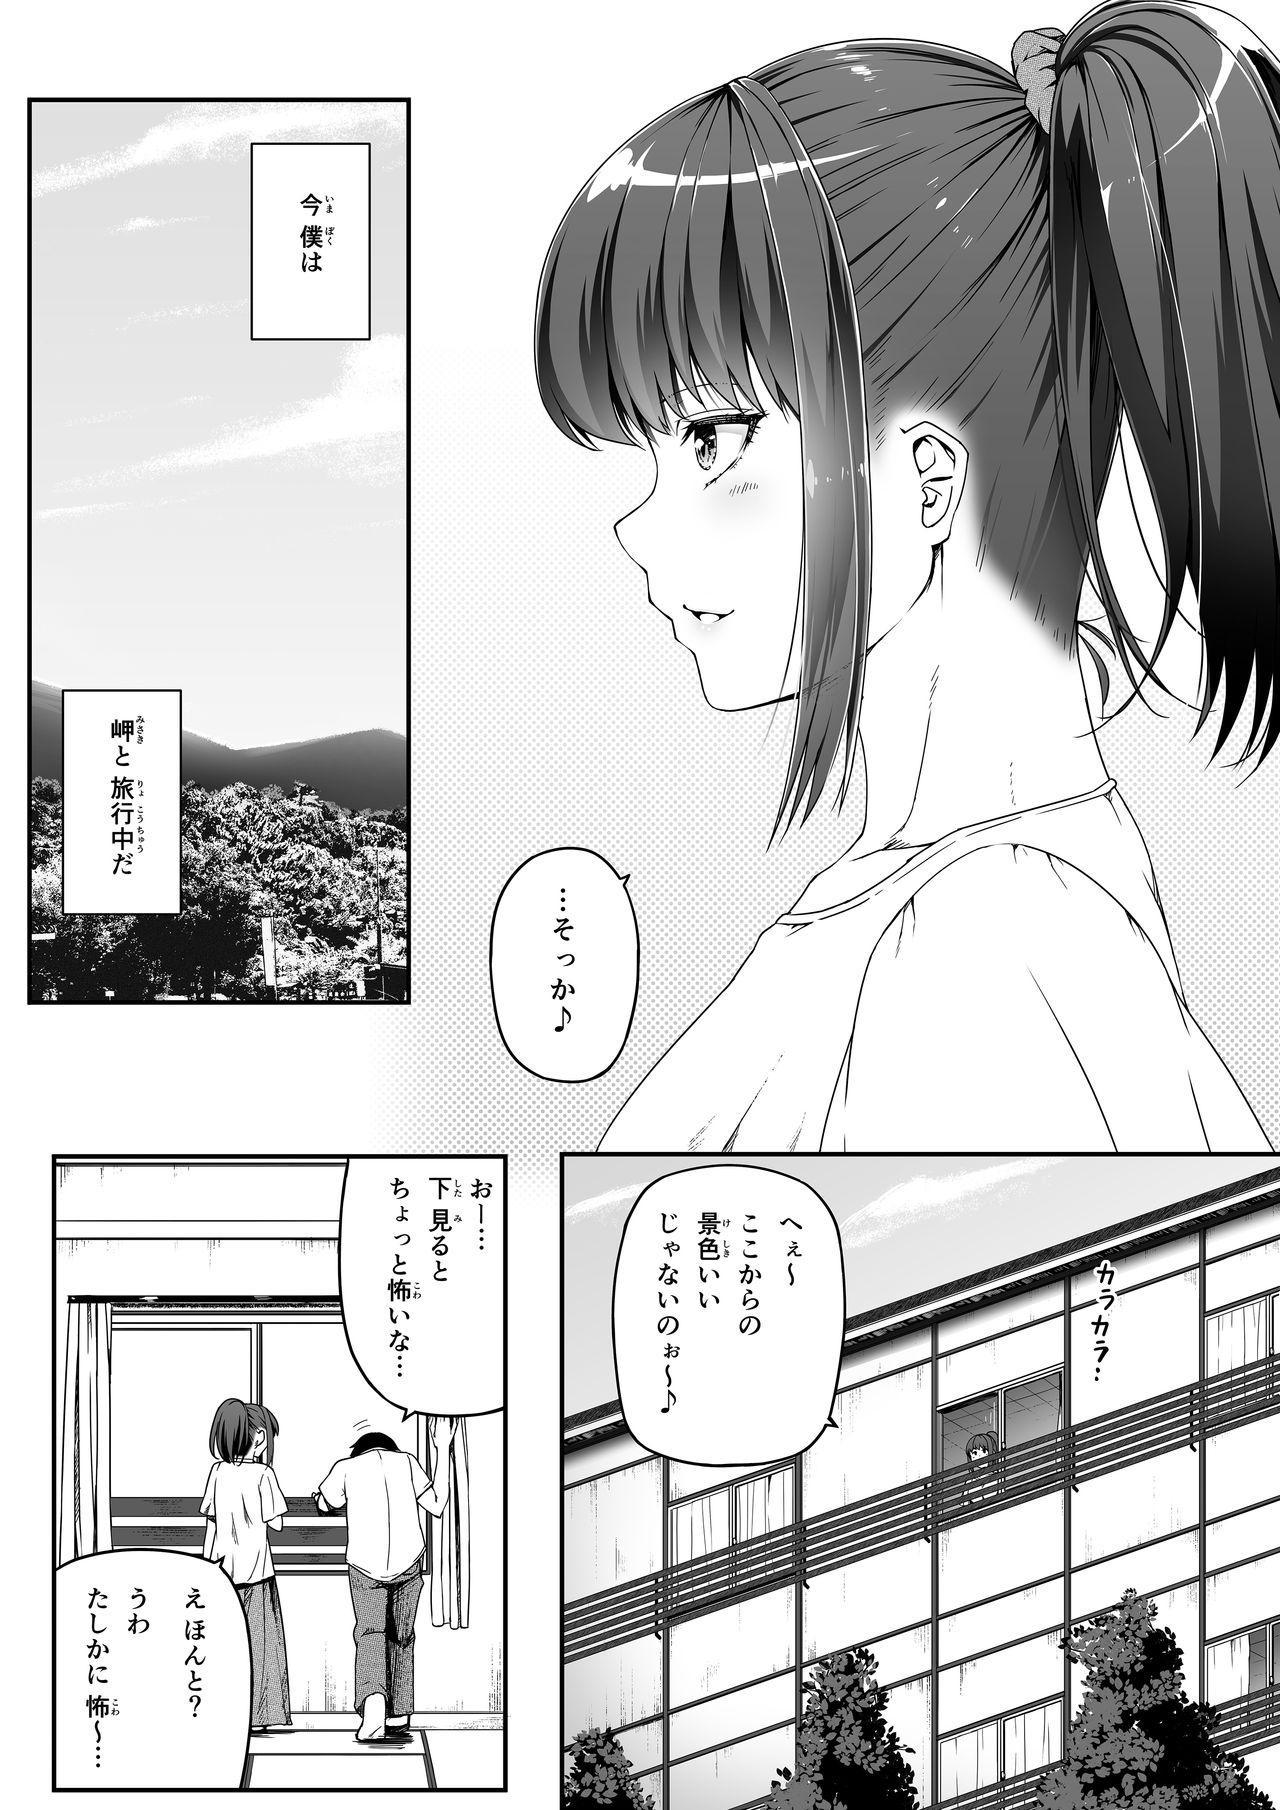 Ore wa Kanojo o Tomenakatta. Omake no Ohanashi 2